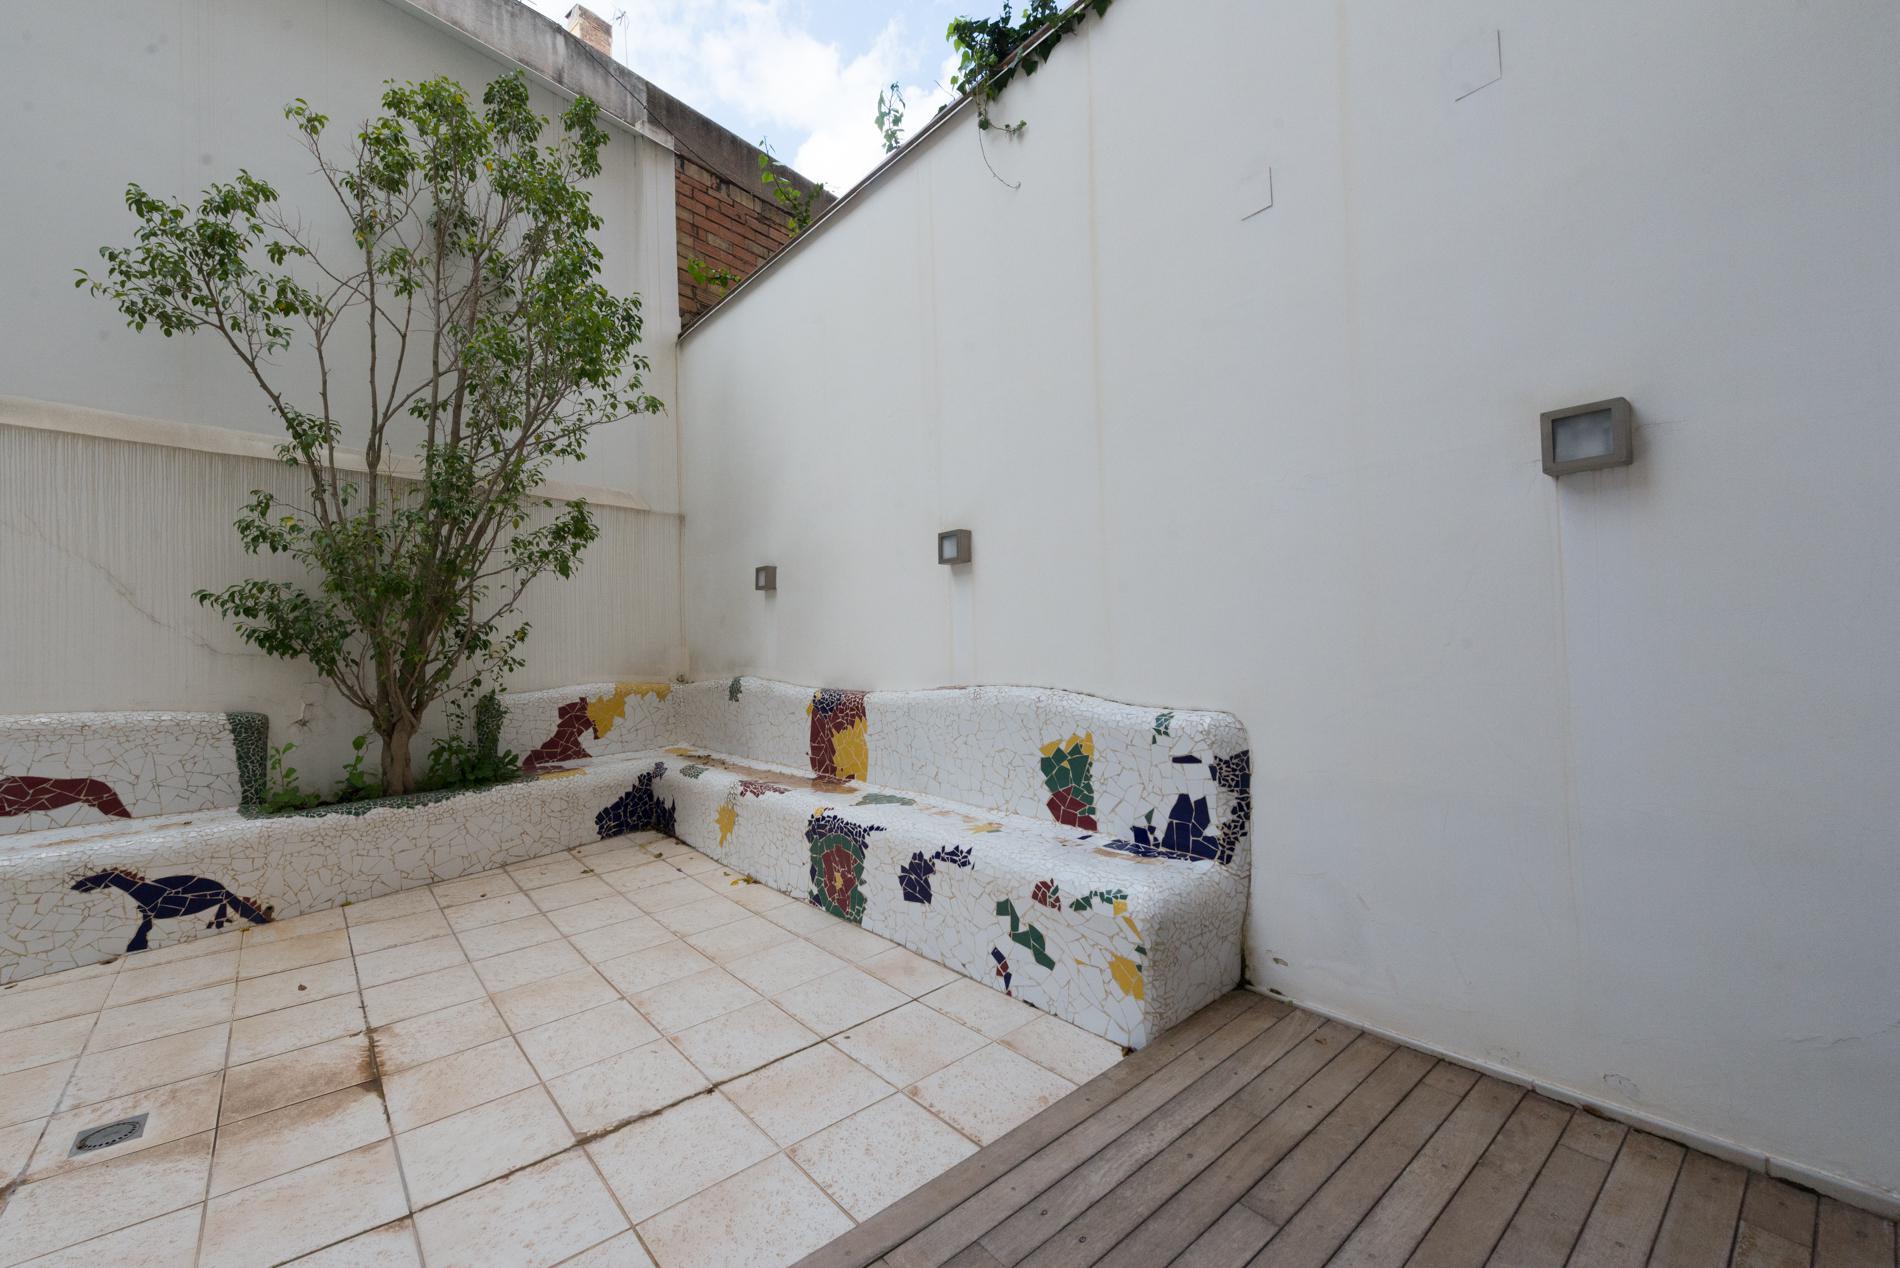 247761 Ground Floor for sale in Sarrià-Sant Gervasi, St. Gervasi-Bonanova 28